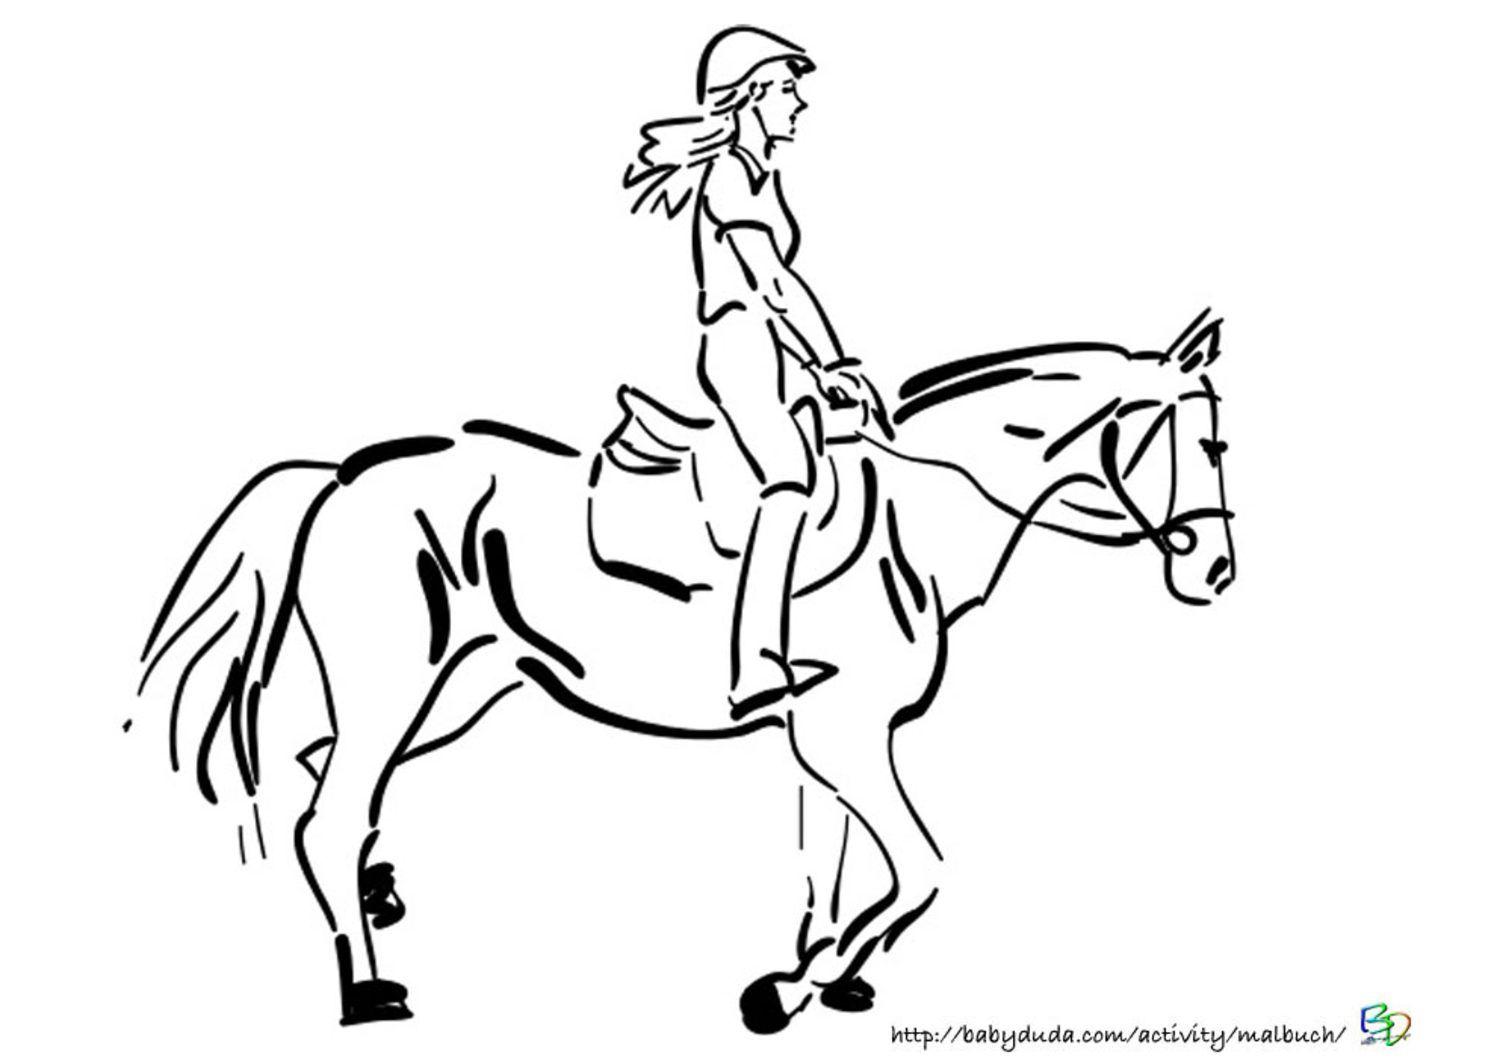 Ausmalbilder Pferd Kostenlos Zum Ausdrucken : Pferdebilder Ausmalen Pferdek Pfe Ausmalbilder Ausmalbilder